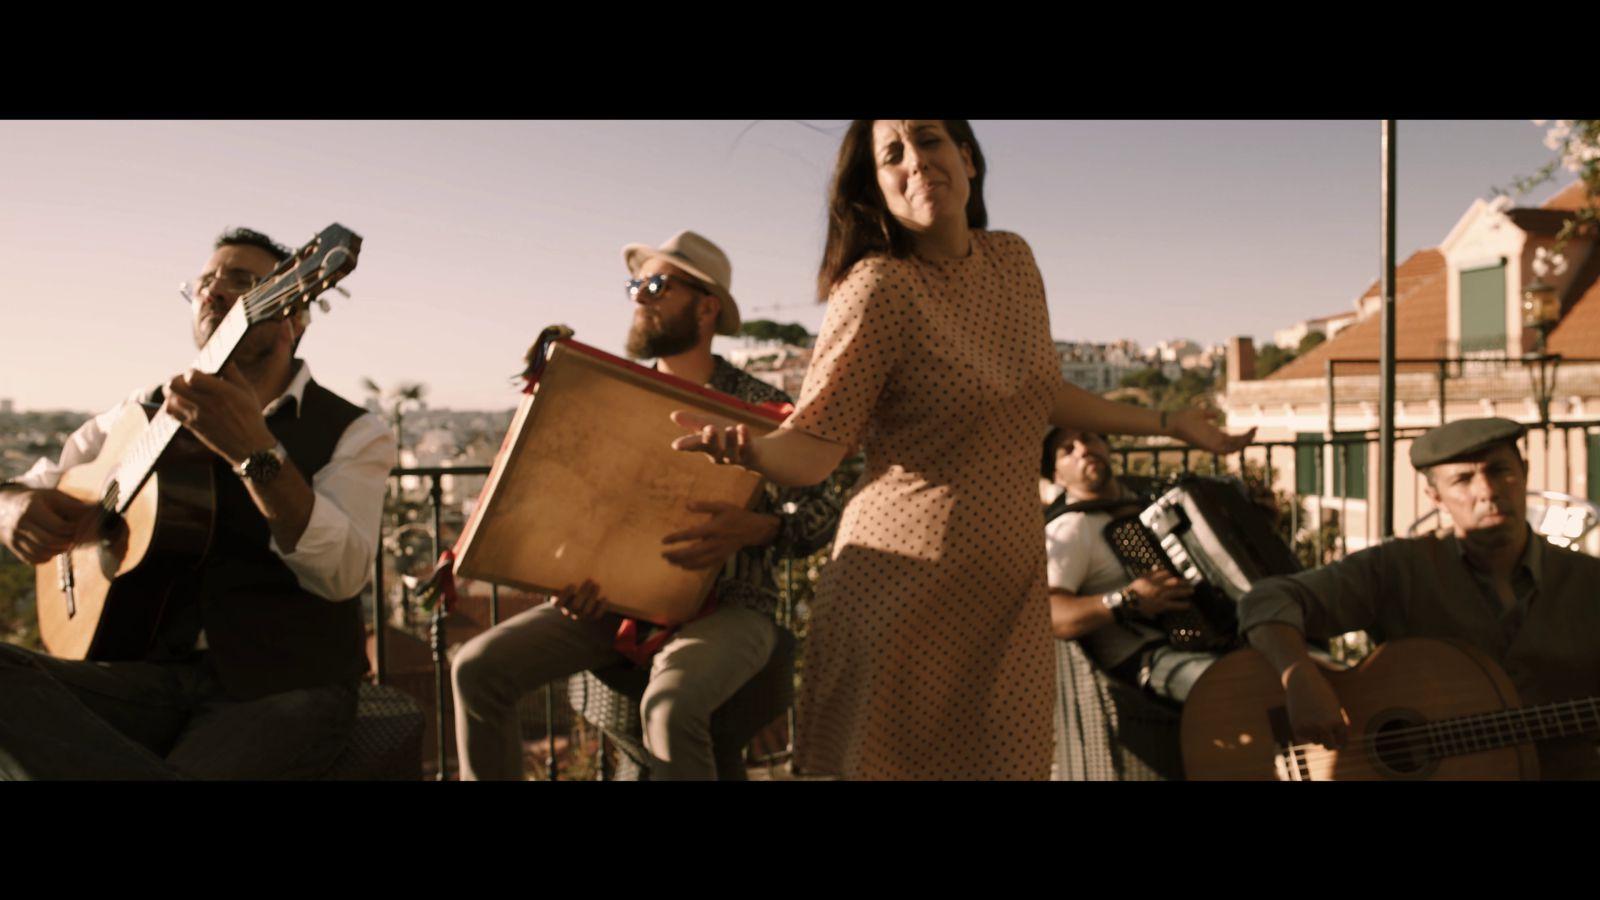 Rua da Lua-cornerstudio-Video-Clip-Music_3